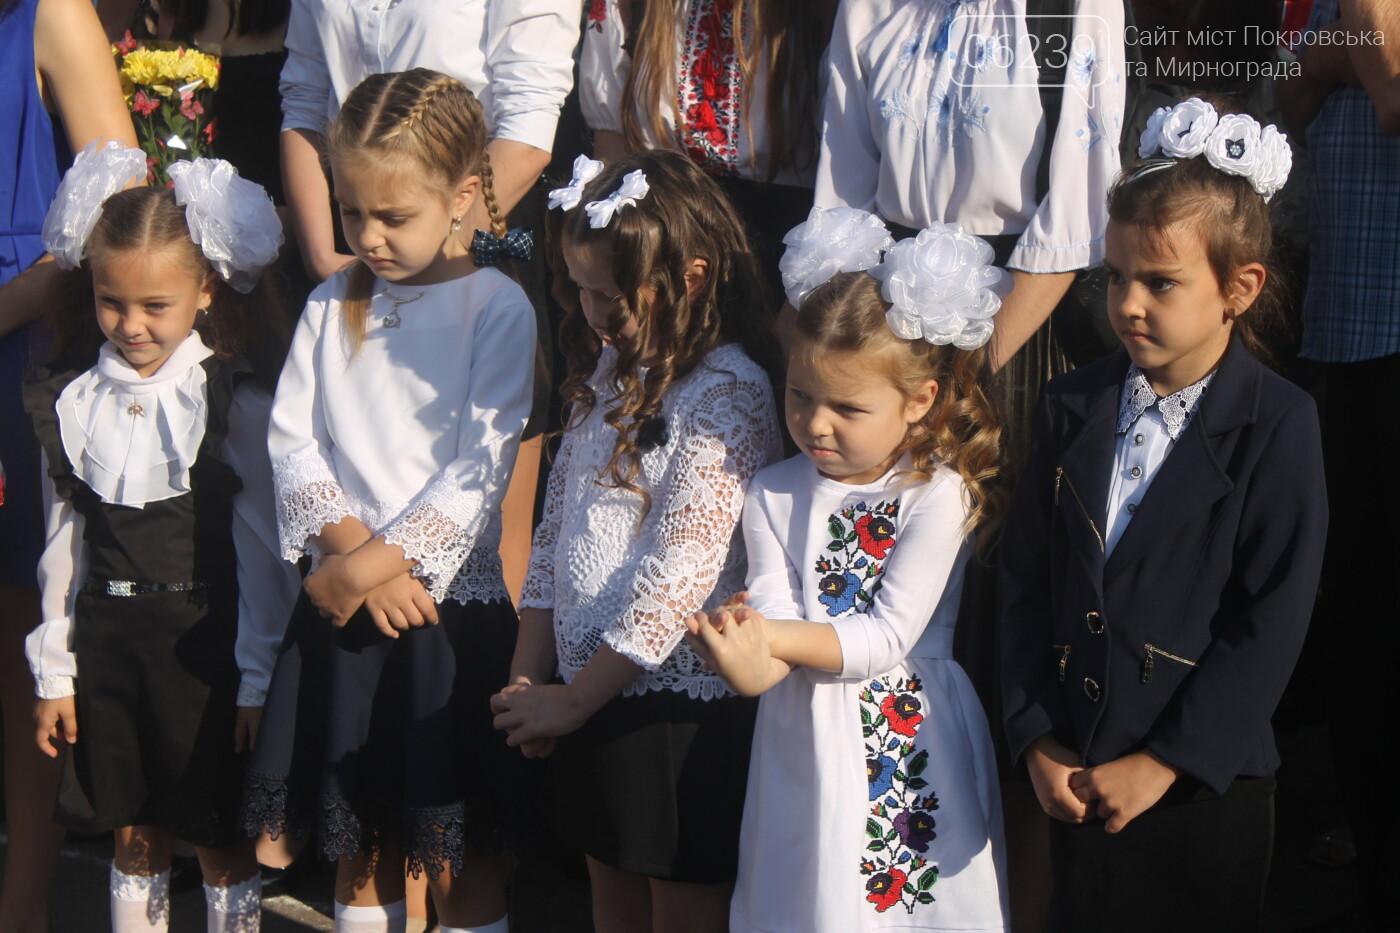 Праздник Первого звонка состоялся во всех учебных заведениях Родинского, фото-35